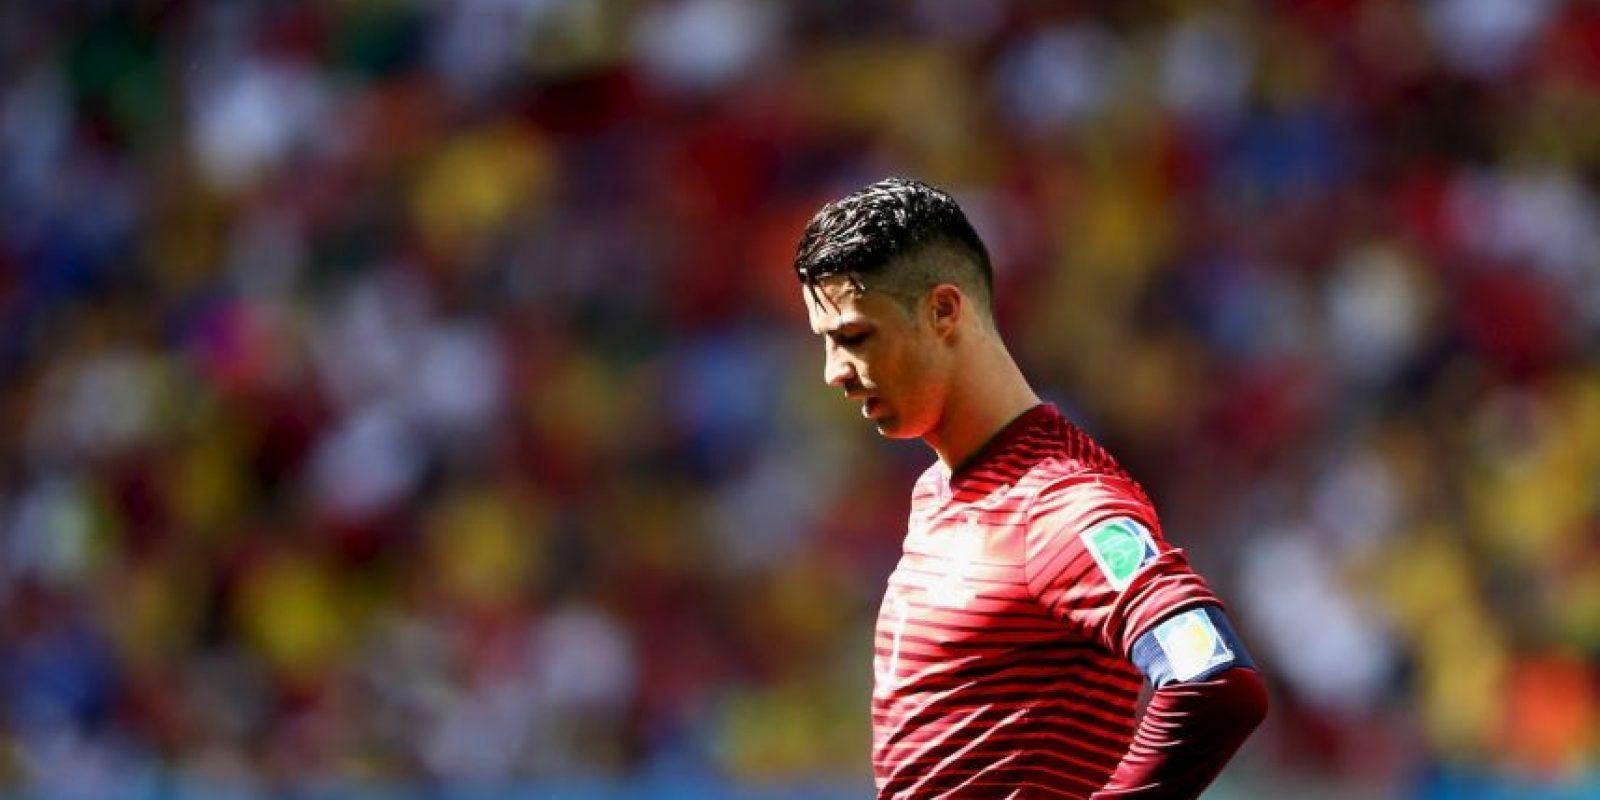 Cristiano Ronaldo se enteró en 2005, antes de jugar un partido de eliminatoria, que su papá José Dinis Aveiro había muerto. Foto:Getty Images